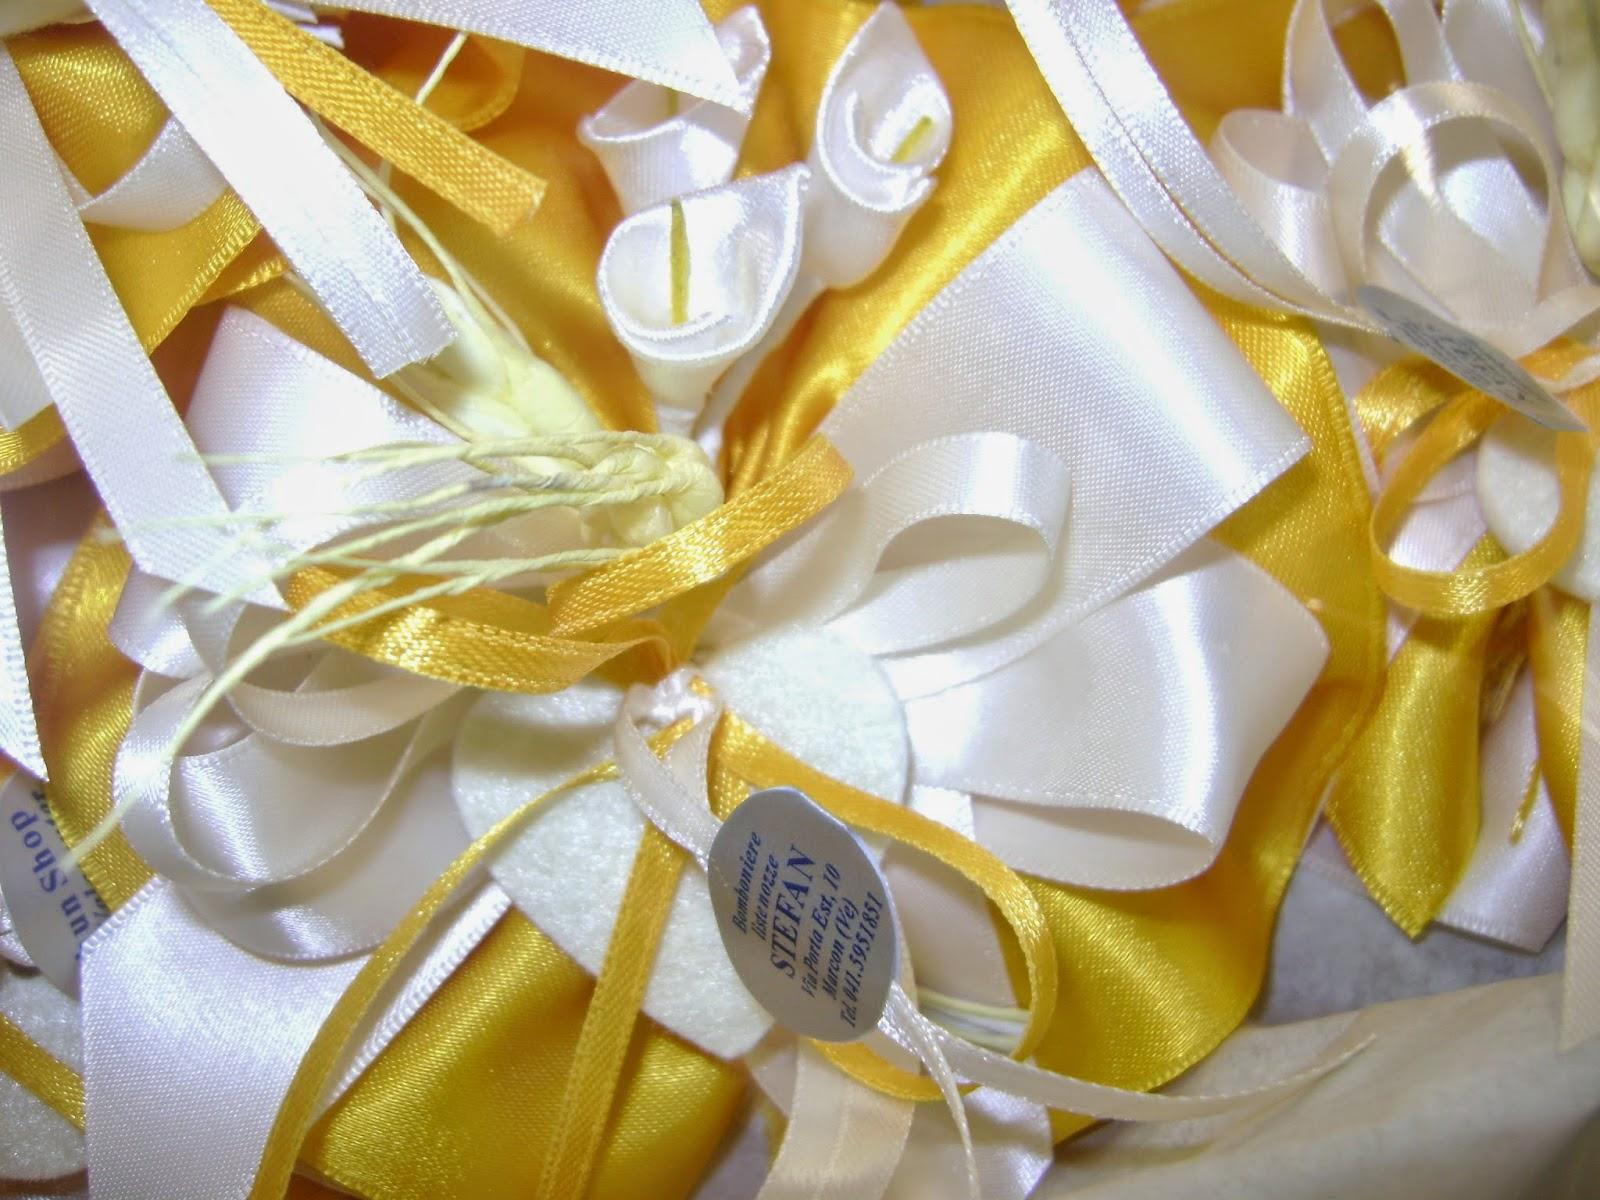 Bombonierestefan significato delle bomboniere con tonalit di giallo by bomboniere stefan - Significato delle tavole di rorschach ...